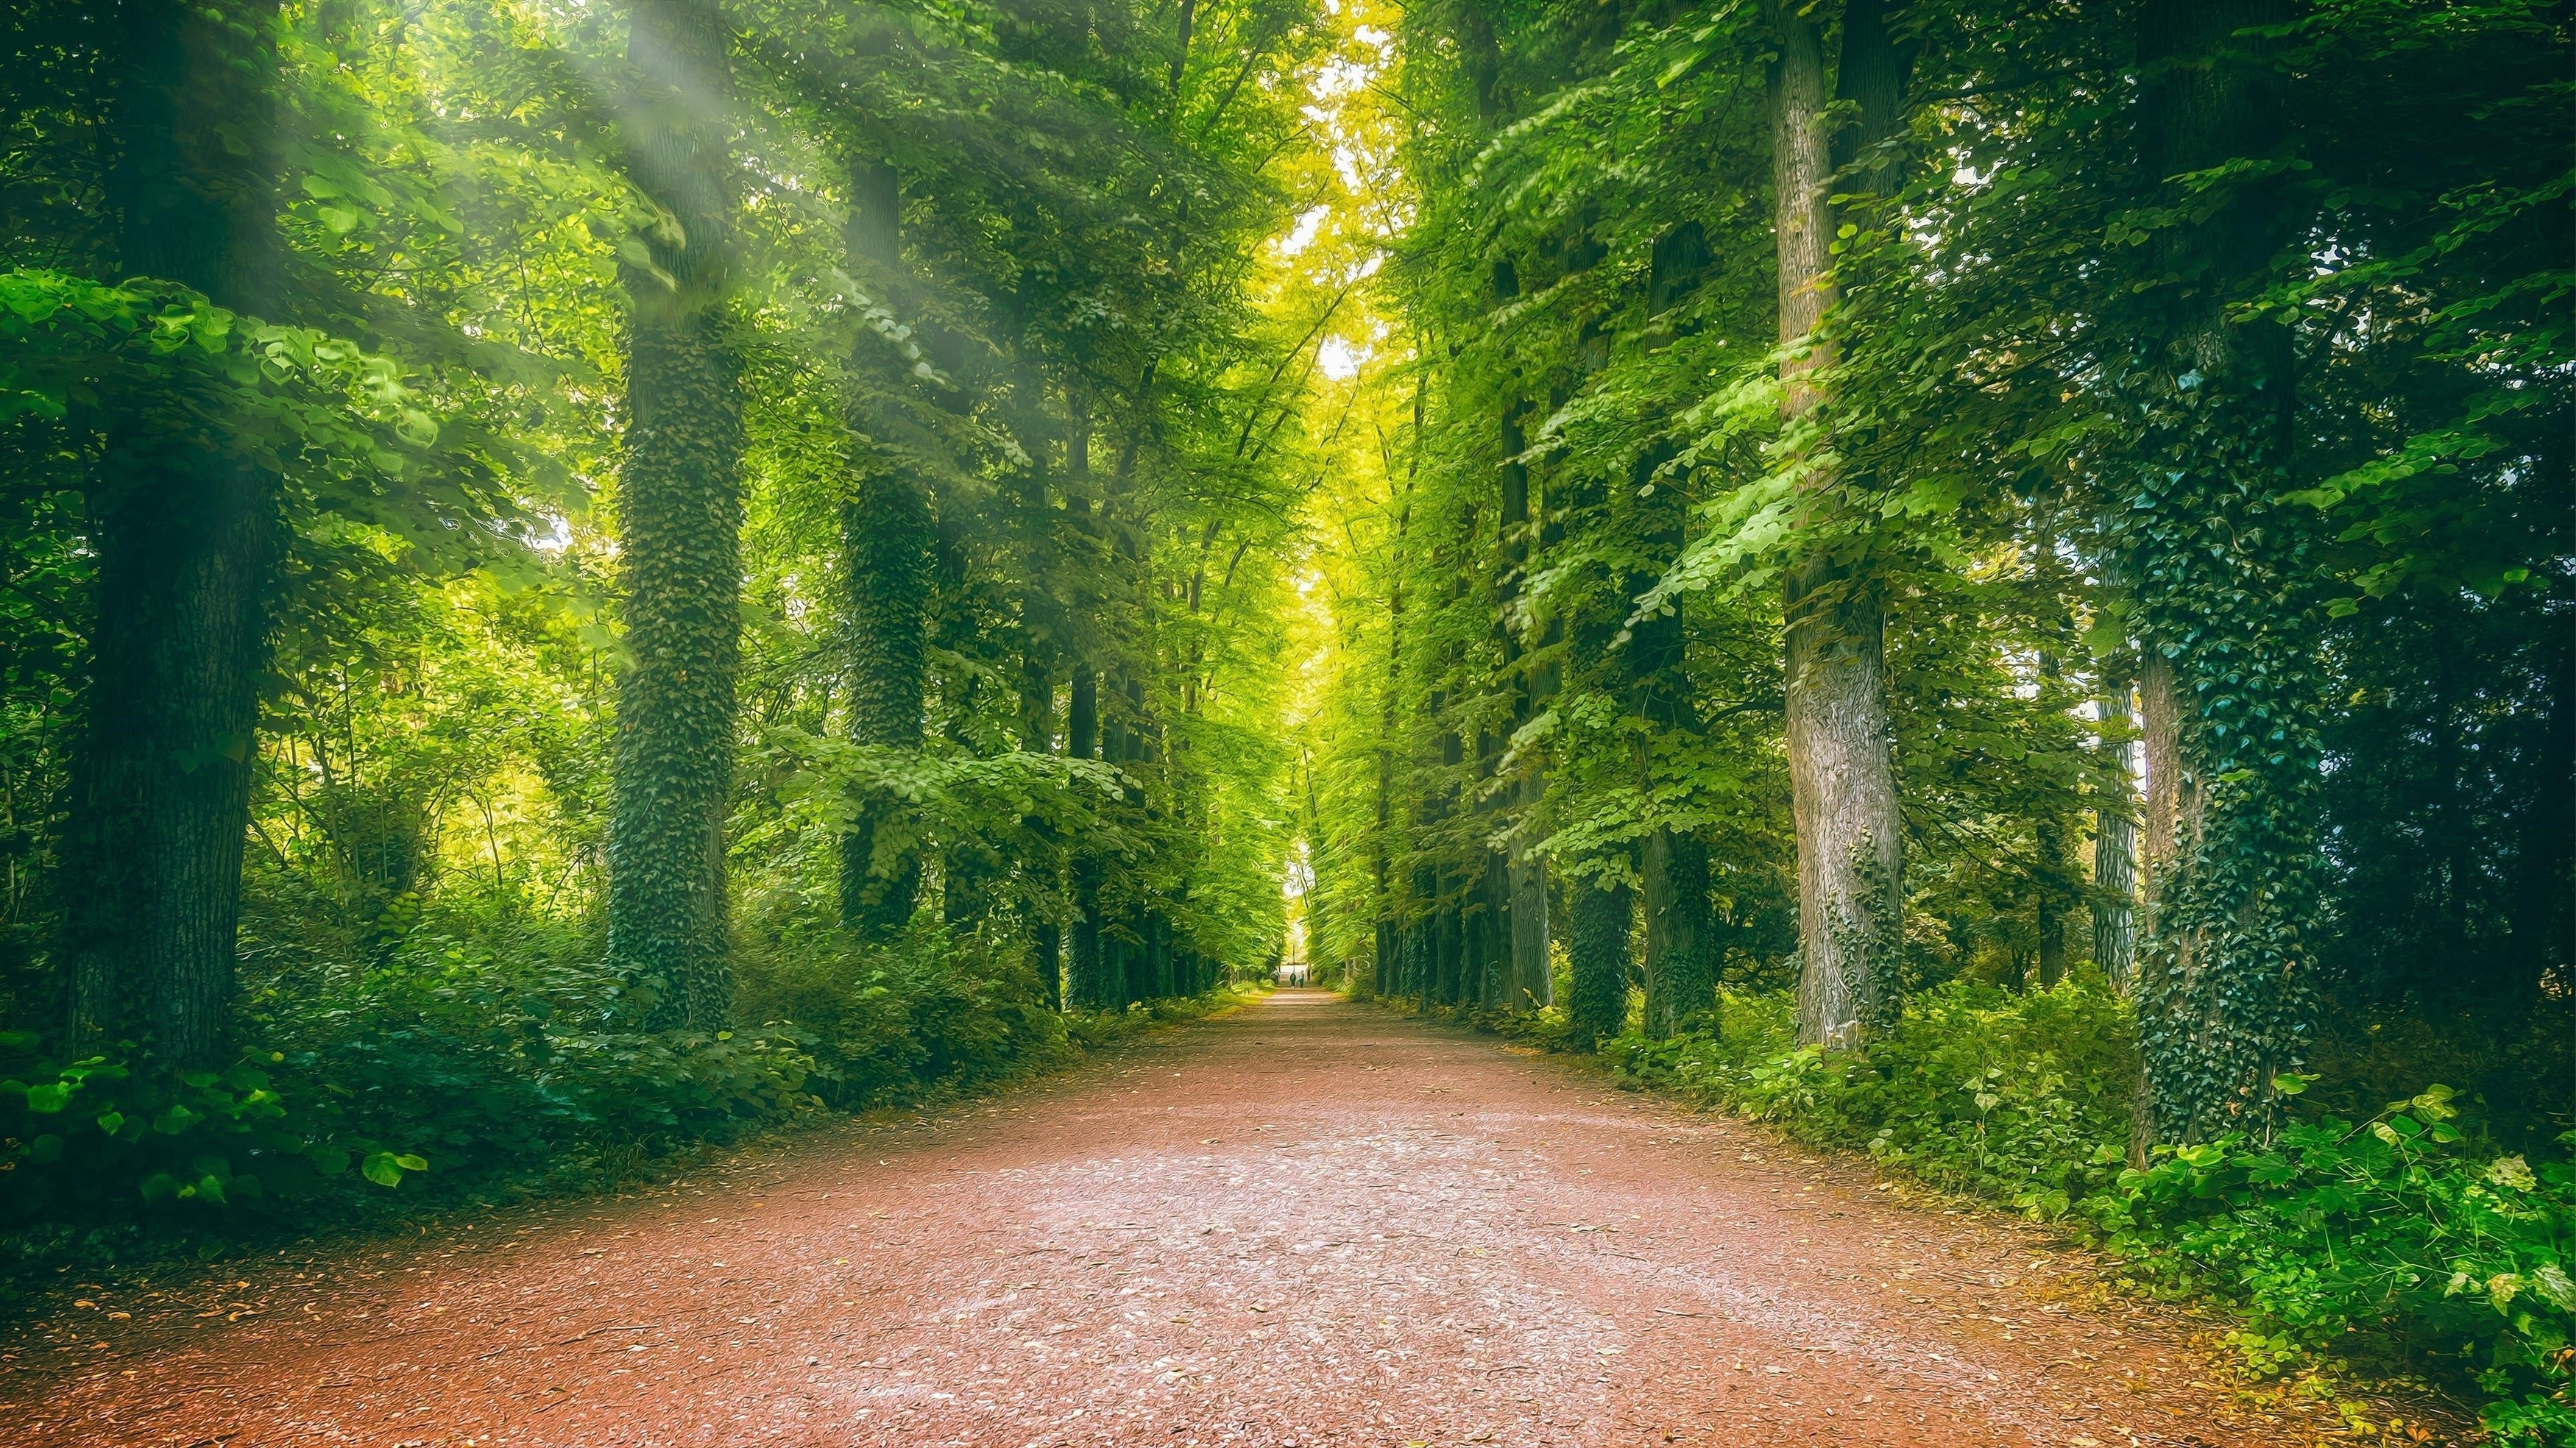 Дорога между плющом зеленью лесом природой обои скачать